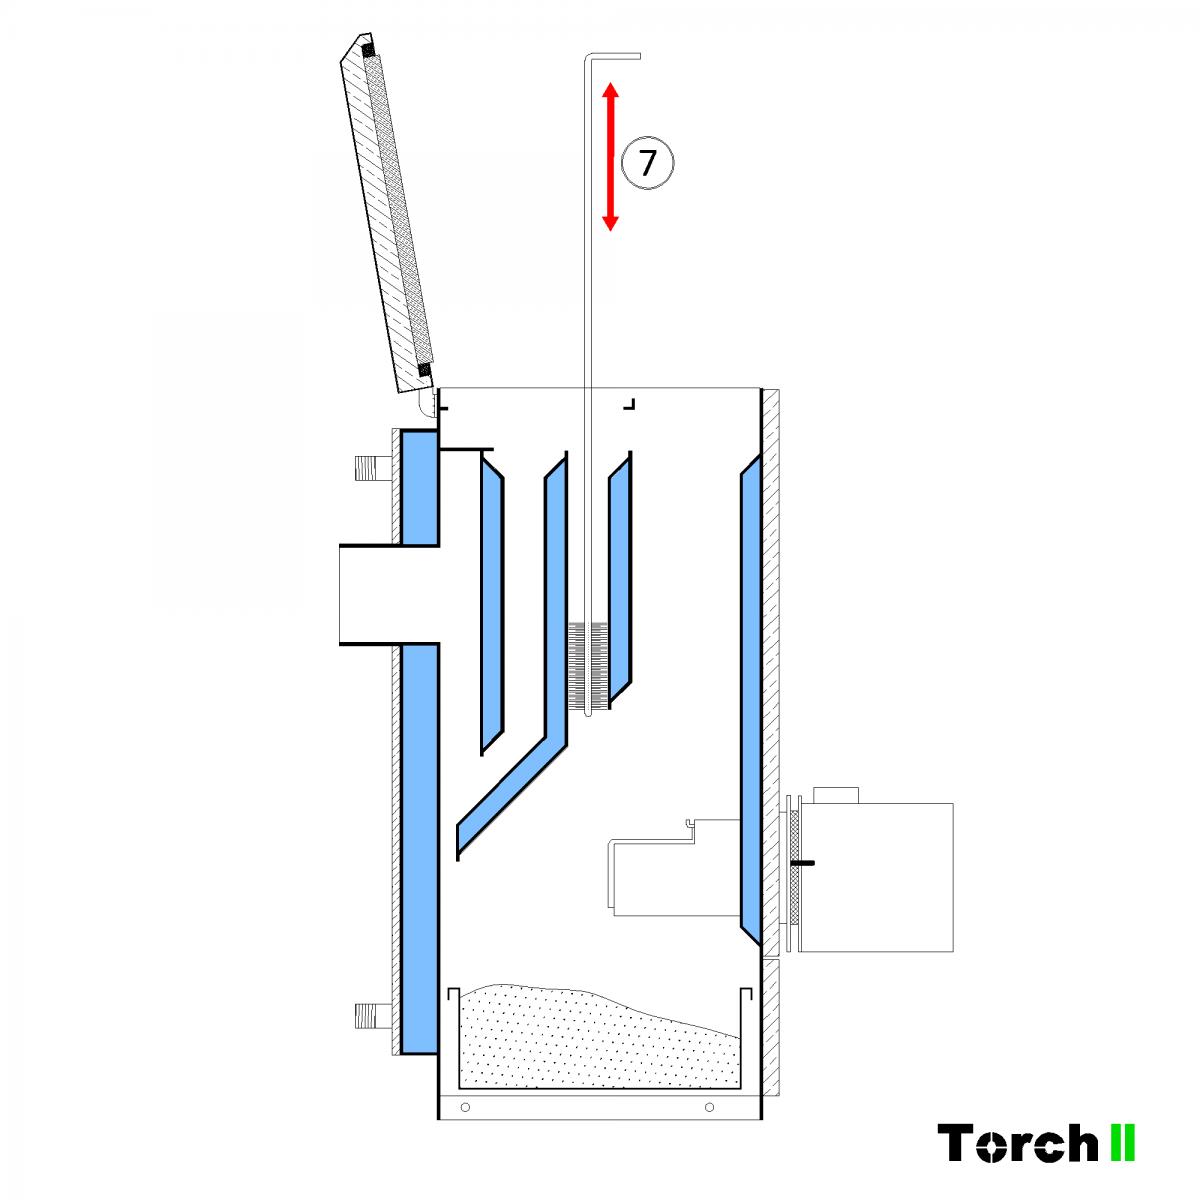 Почистване на пелетен котел Torch II - стъпка 6